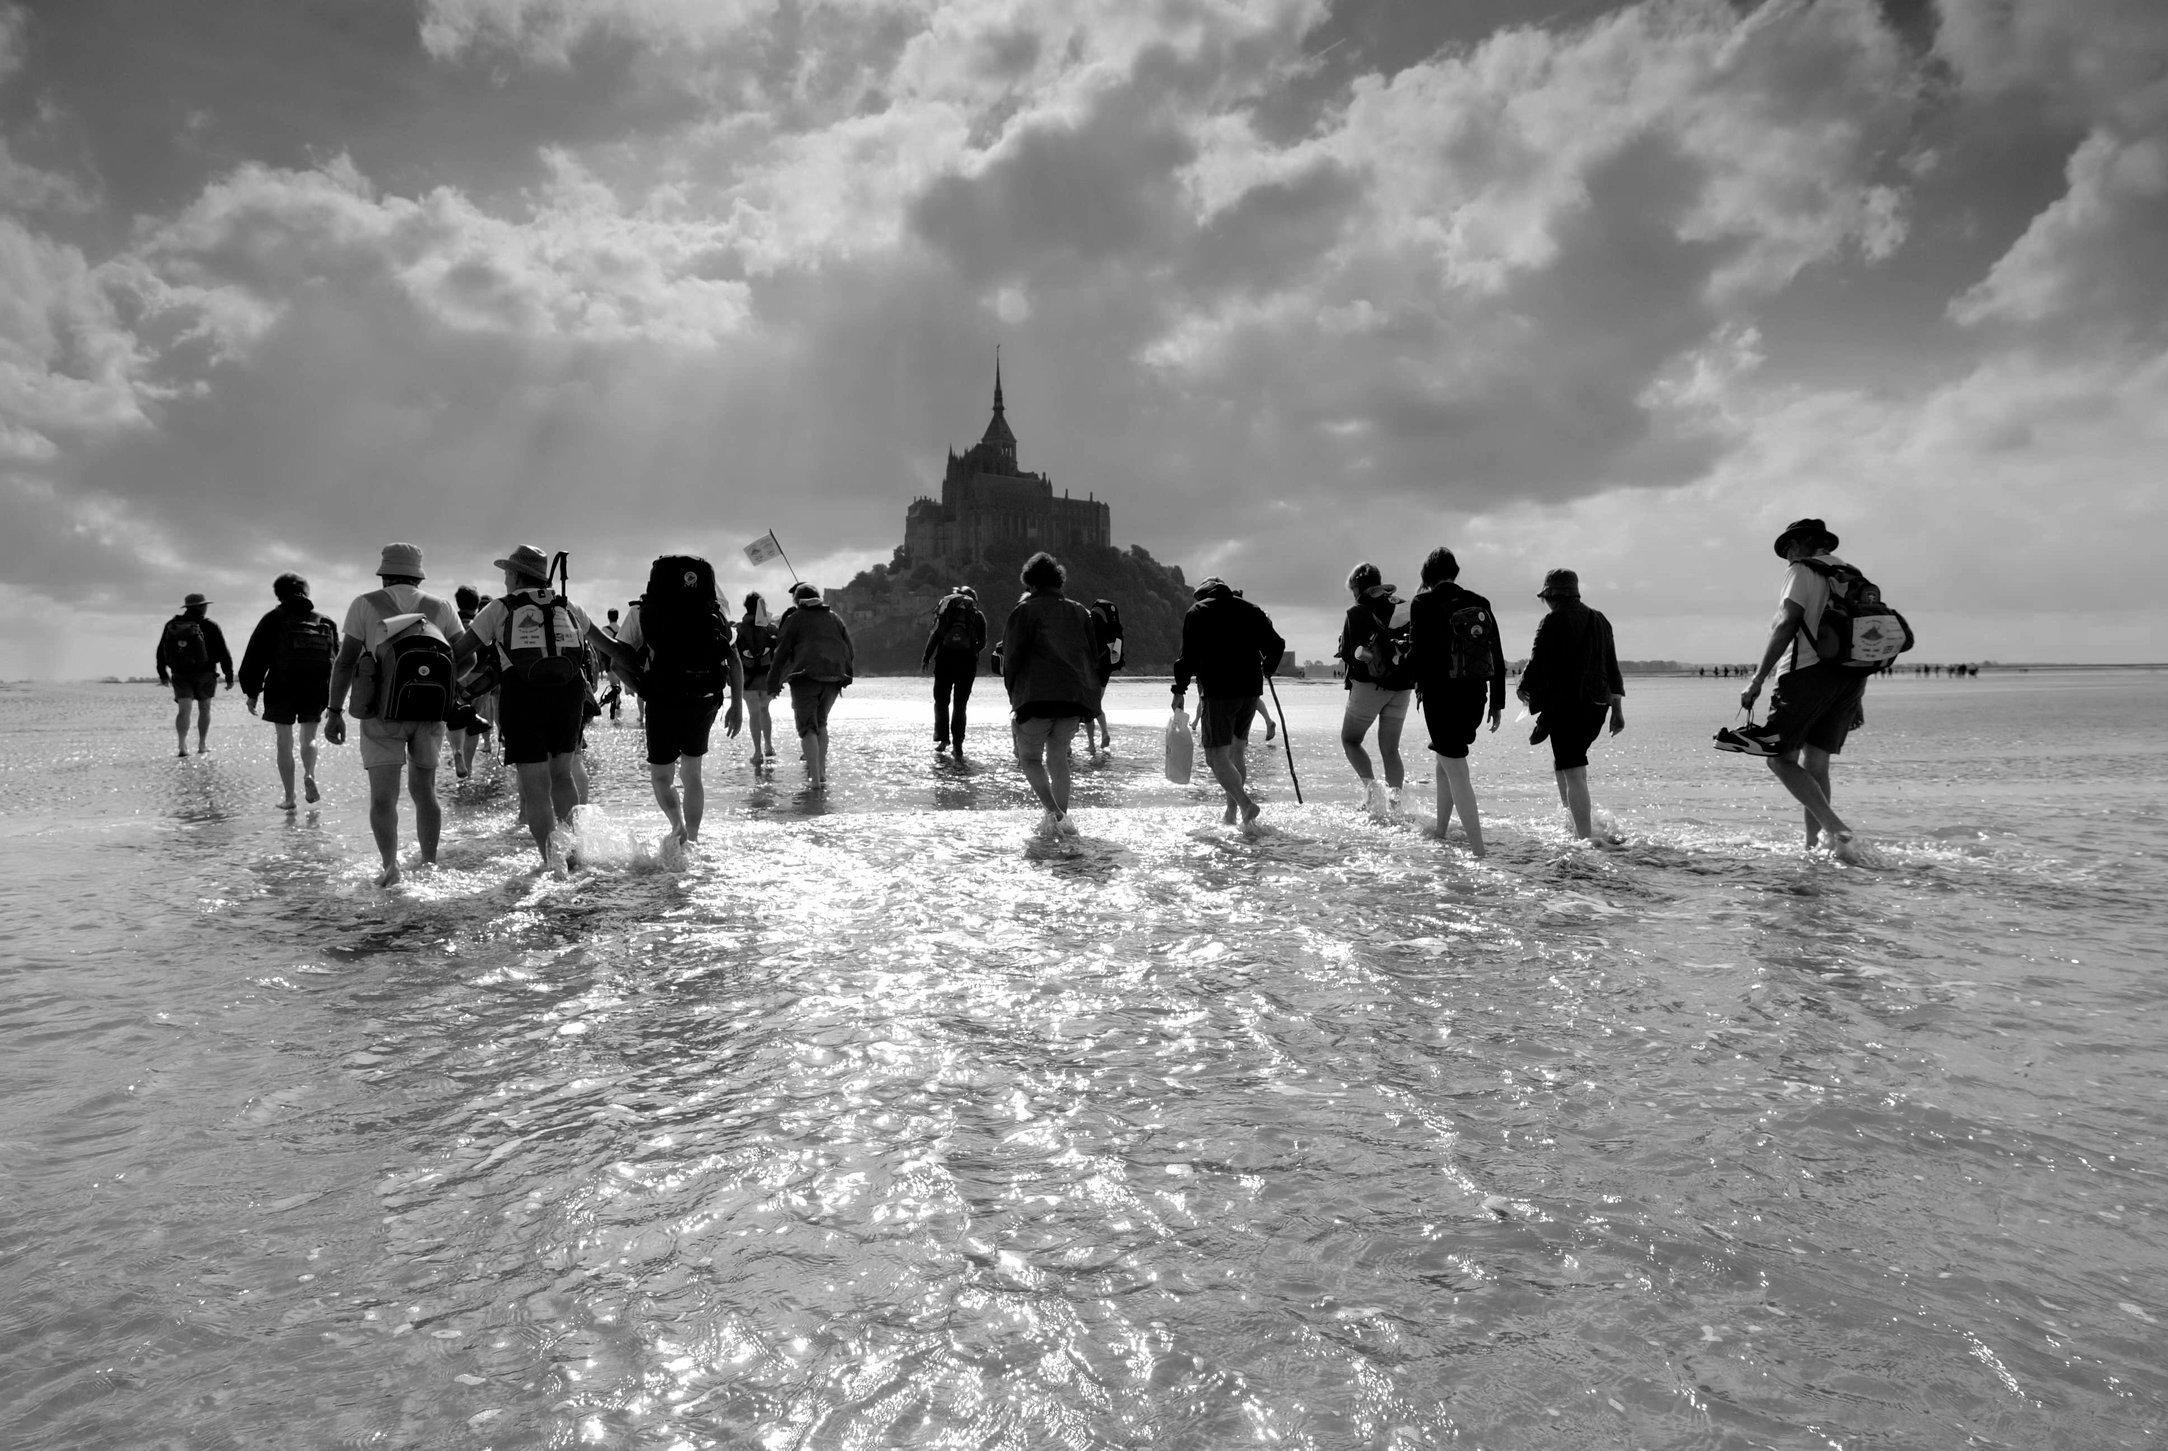 Pèlerins traversant la baie à la Saint-Michel